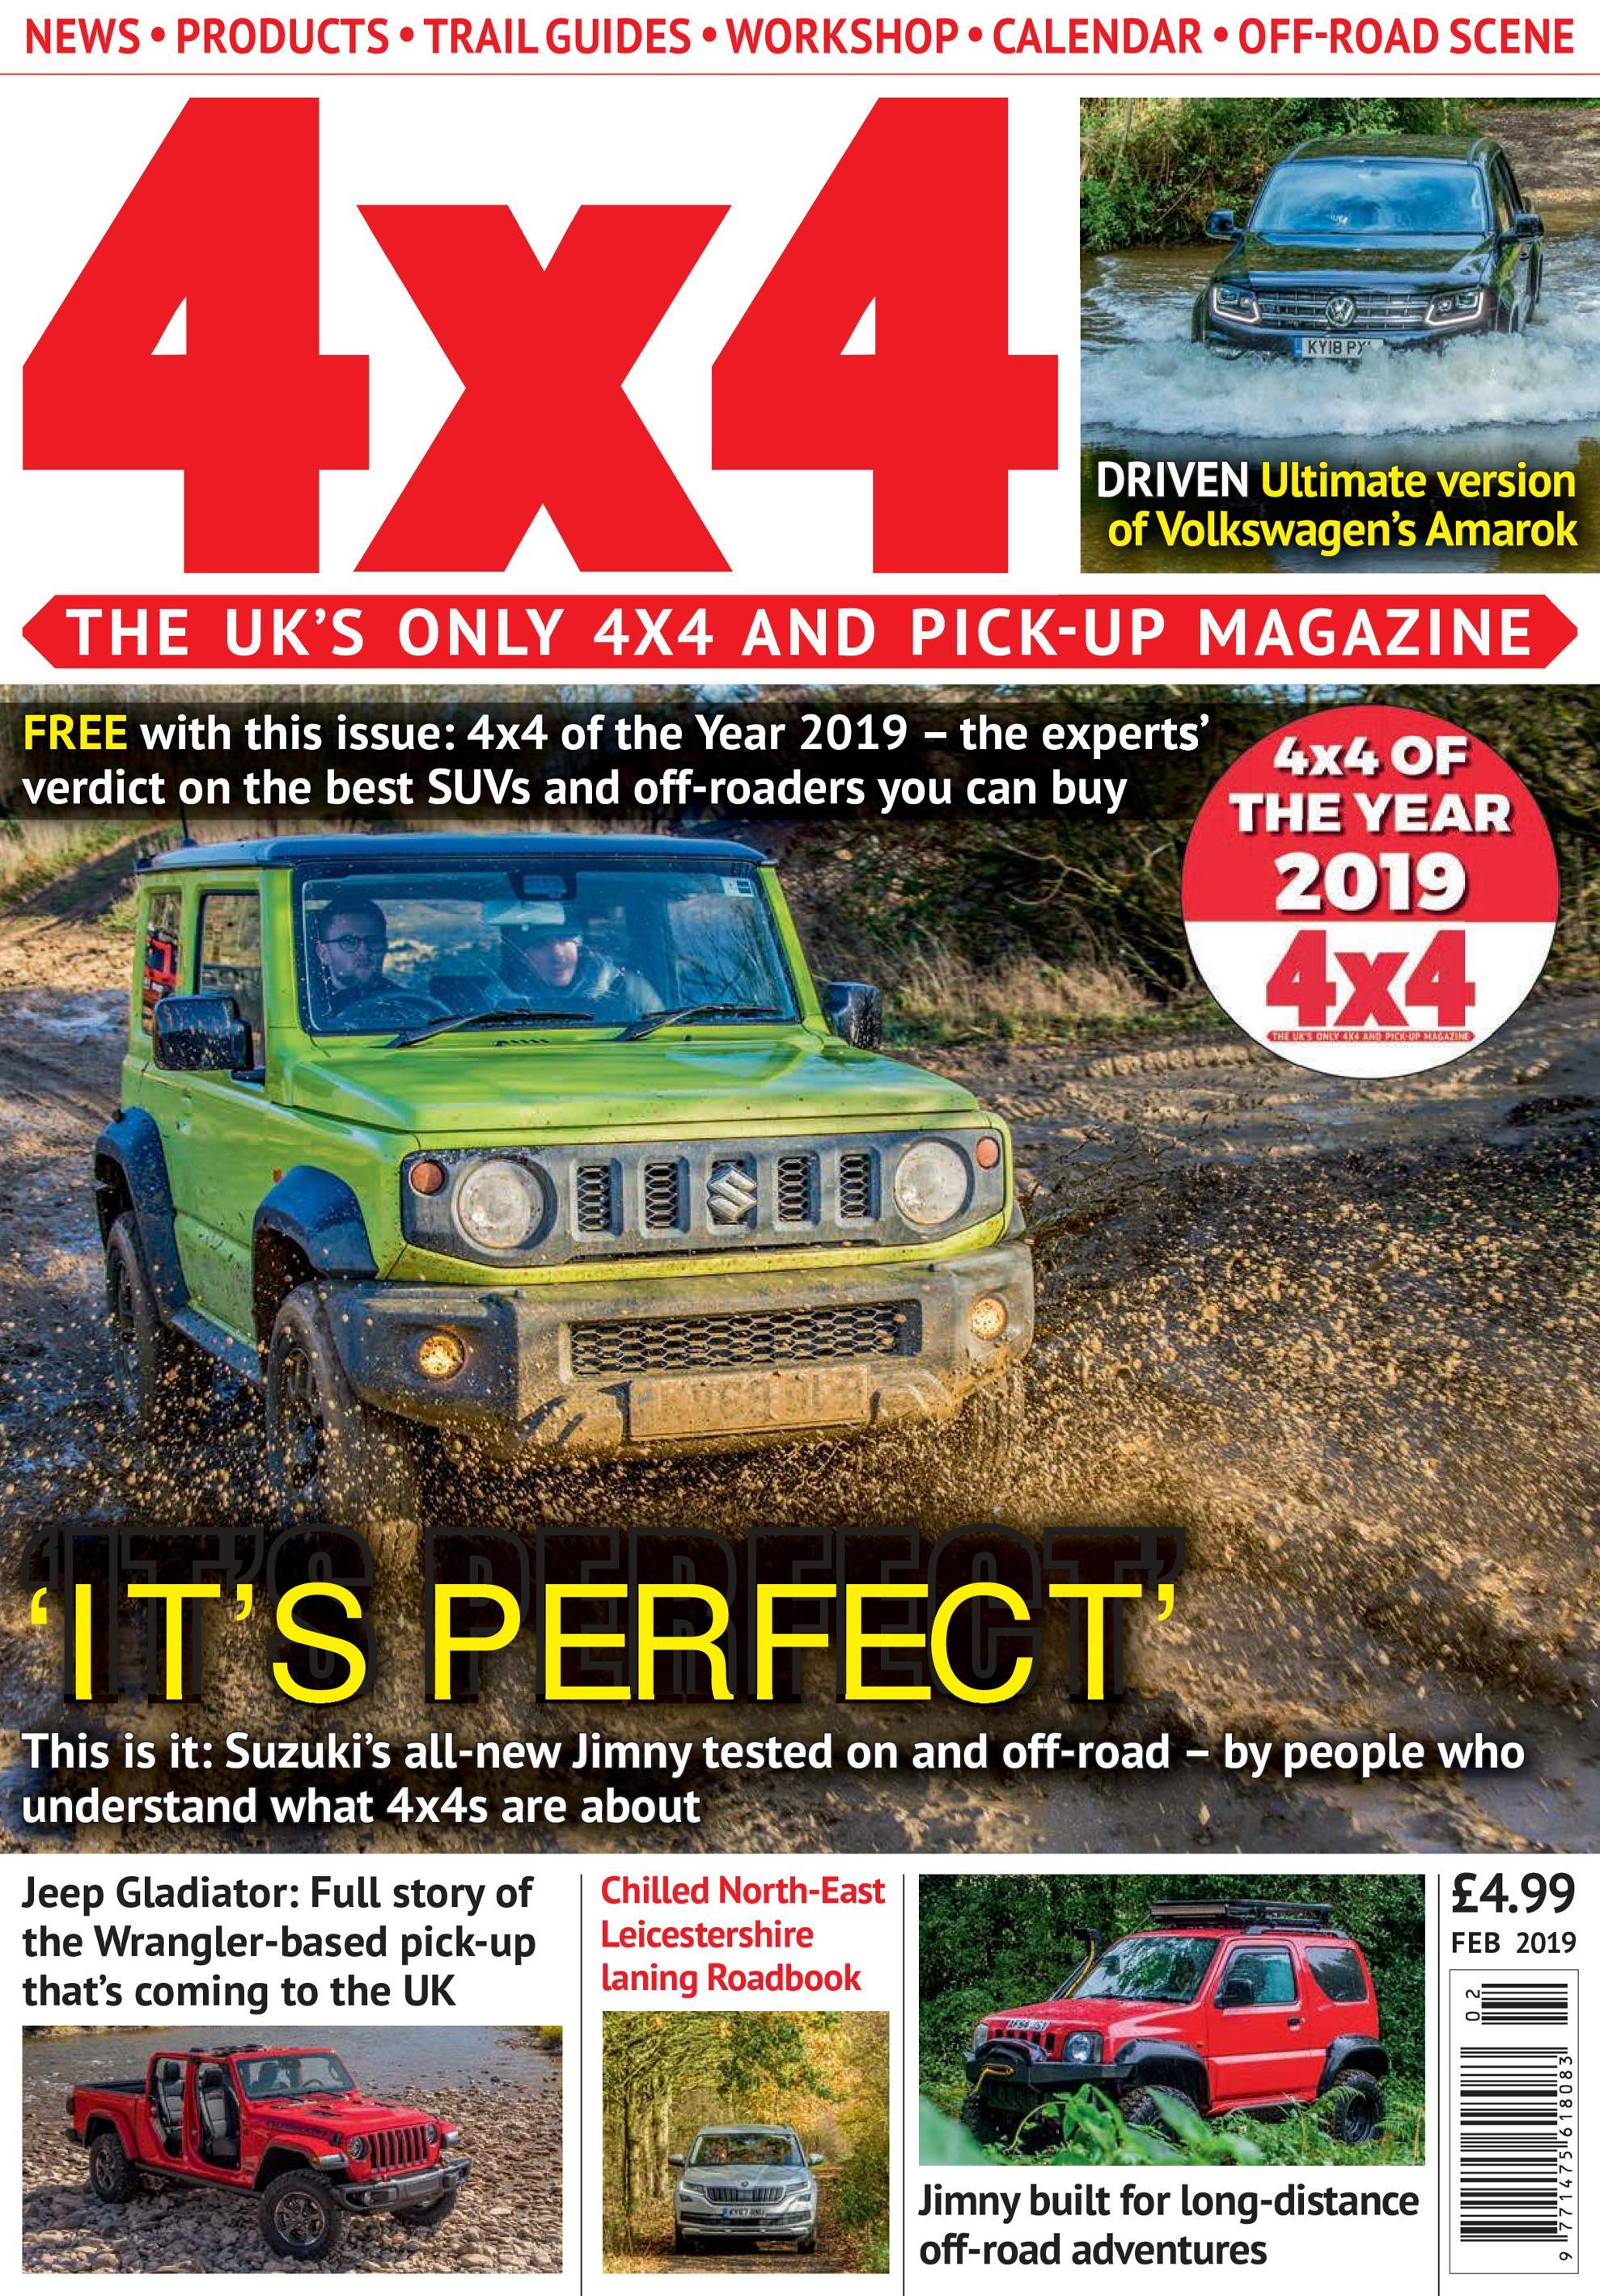 4x4 Magazine UK – February 2019